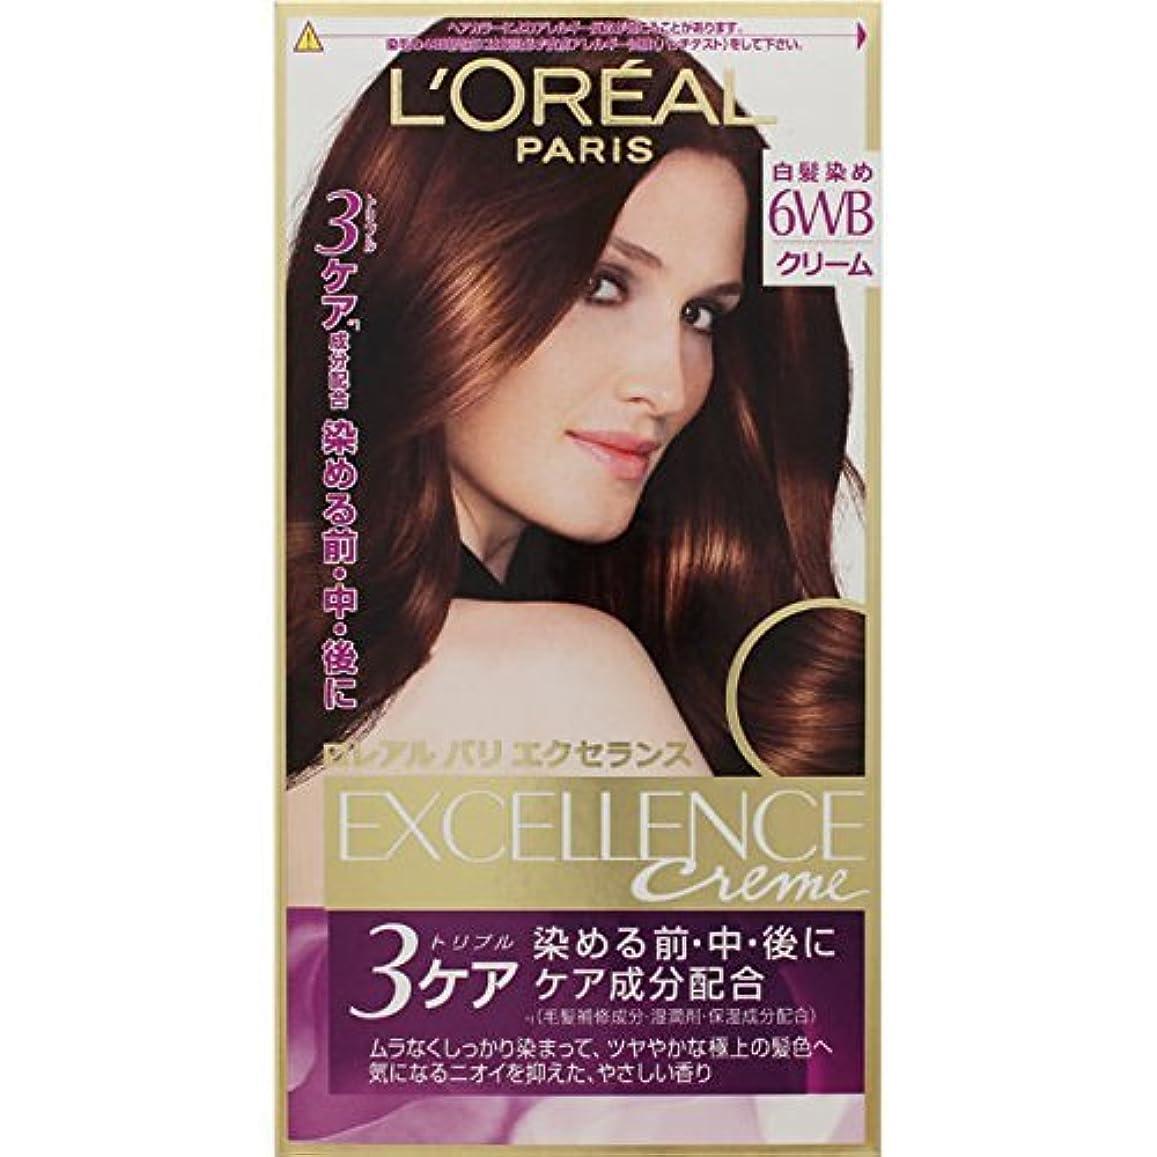 応答する必要がある反射ロレアル パリ ヘアカラー 白髪染め エクセランス N クリームタイプ 6WB ウォーム系のやや明るい栗色